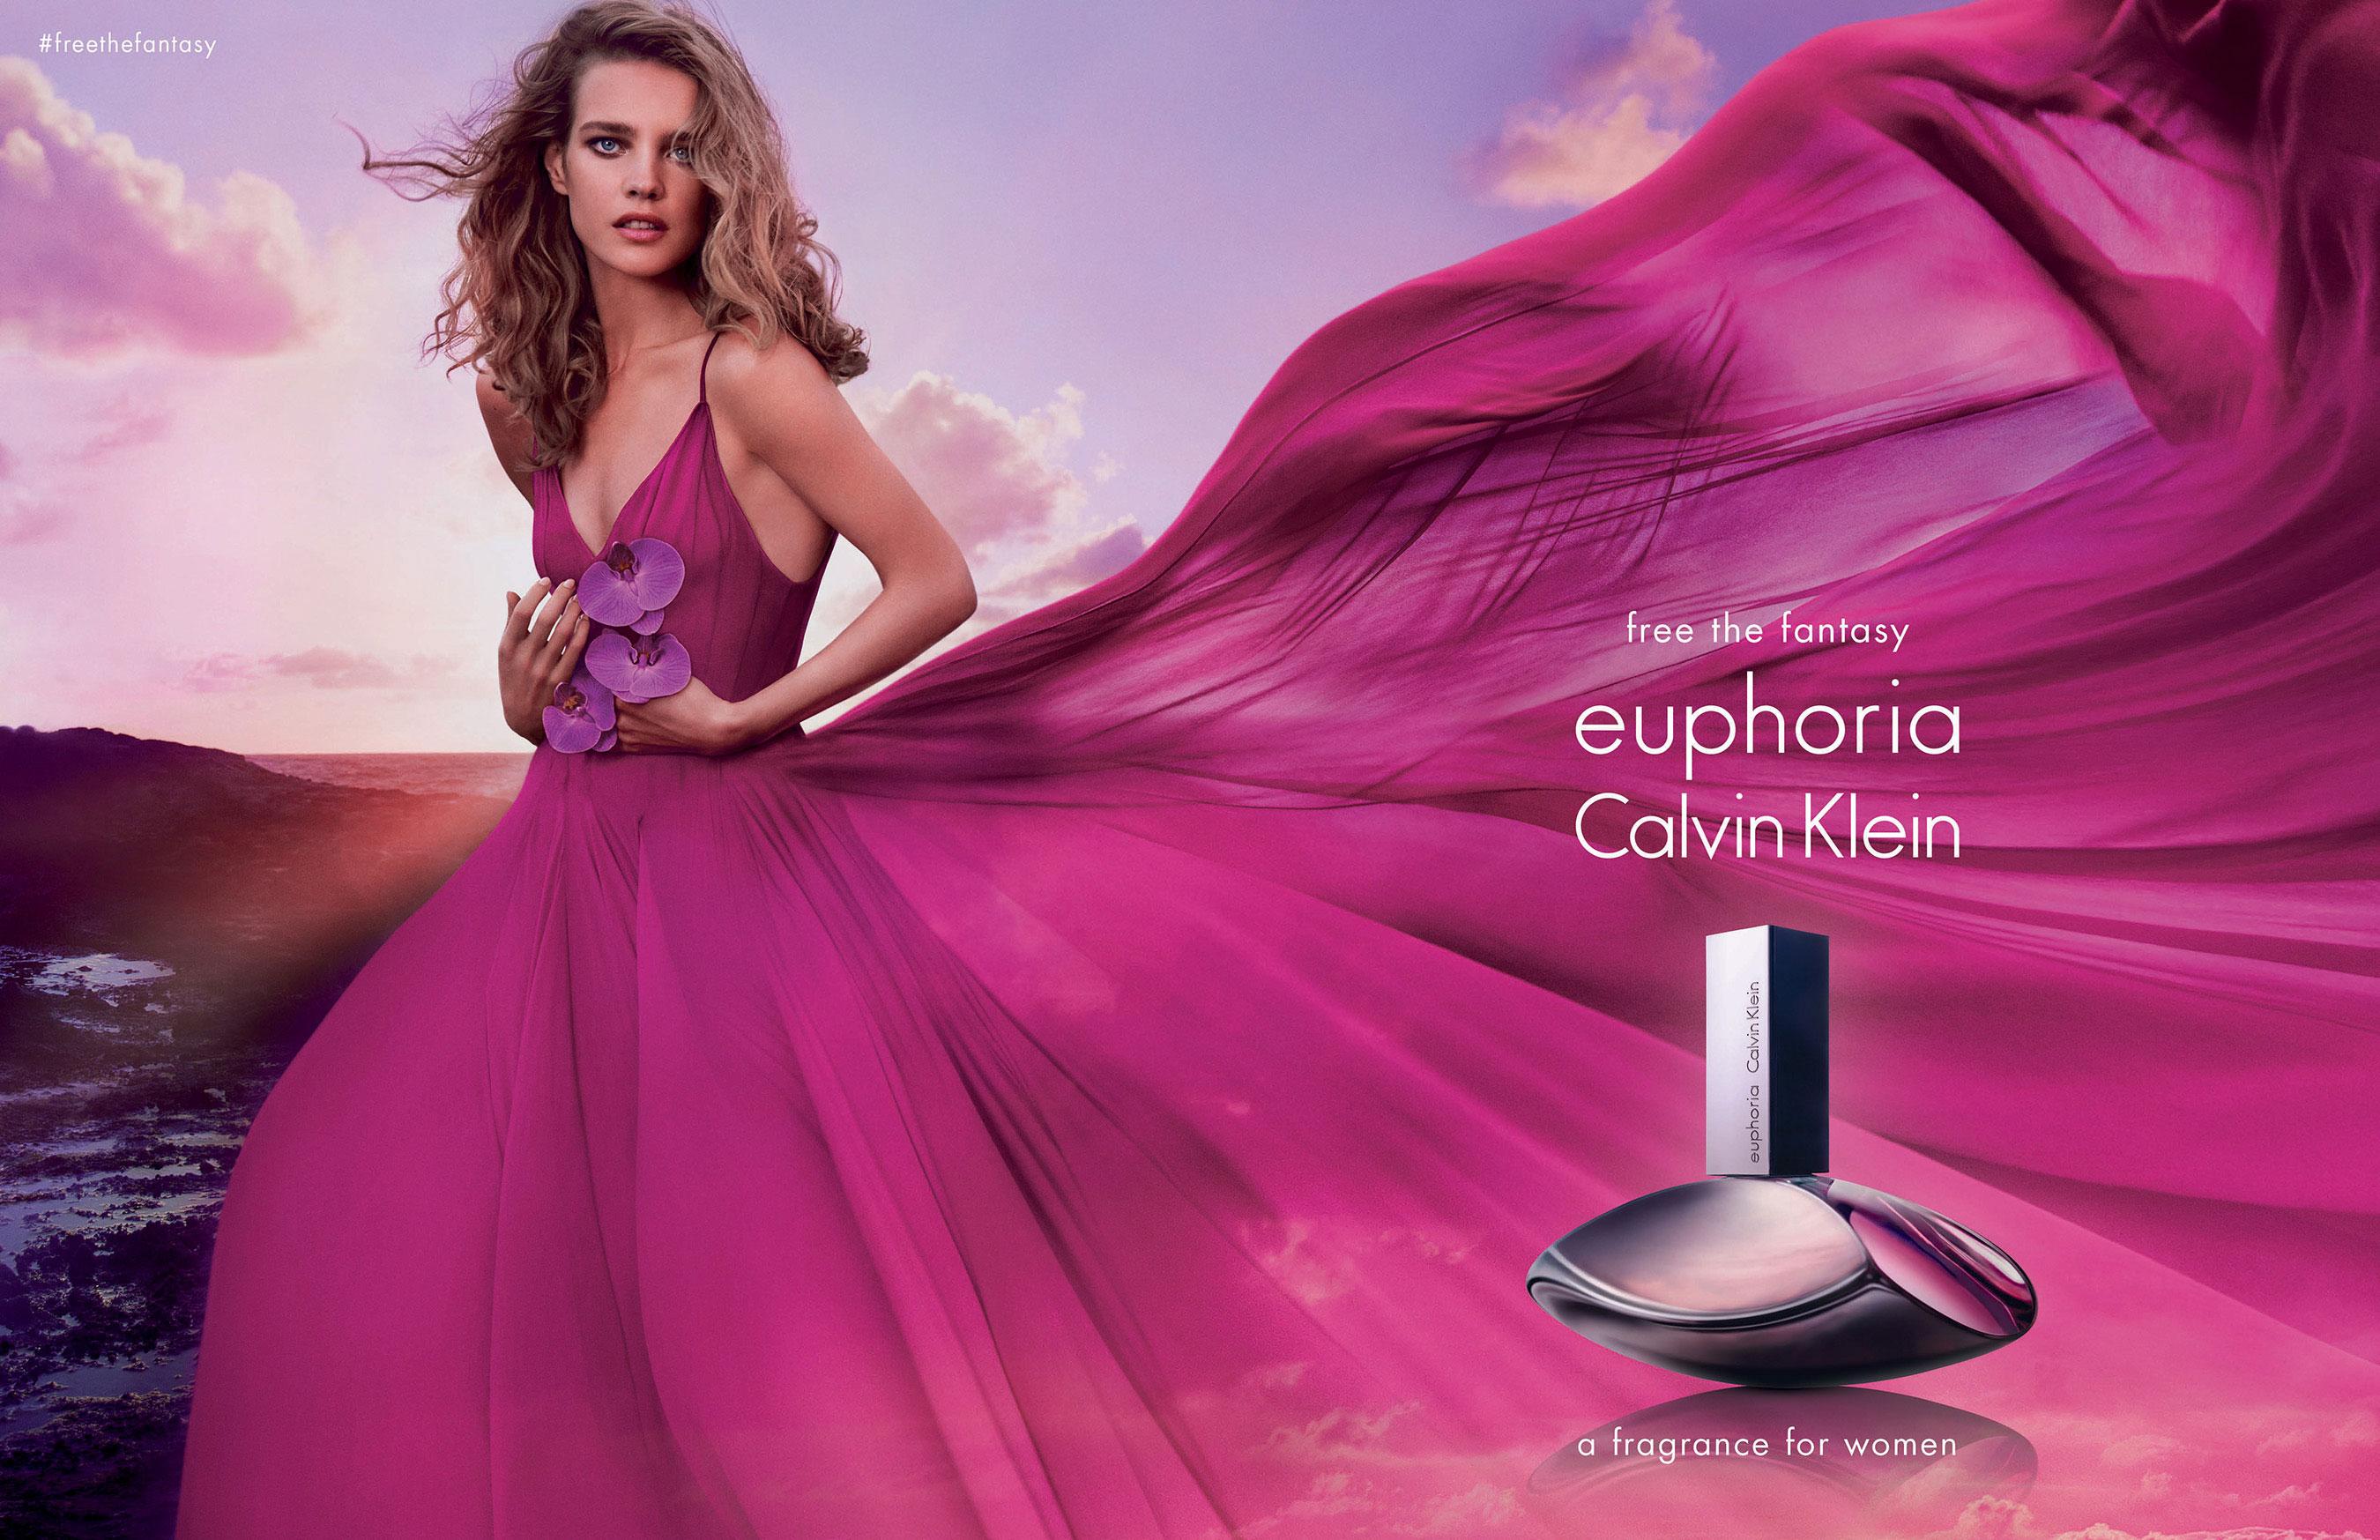 PerfumesColognesParfums Calvin Euphoria Calvin Klein PerfumesColognesParfums Euphoria Euphoria Klein Klein Calvin Fragrances Fragrances b67yfg